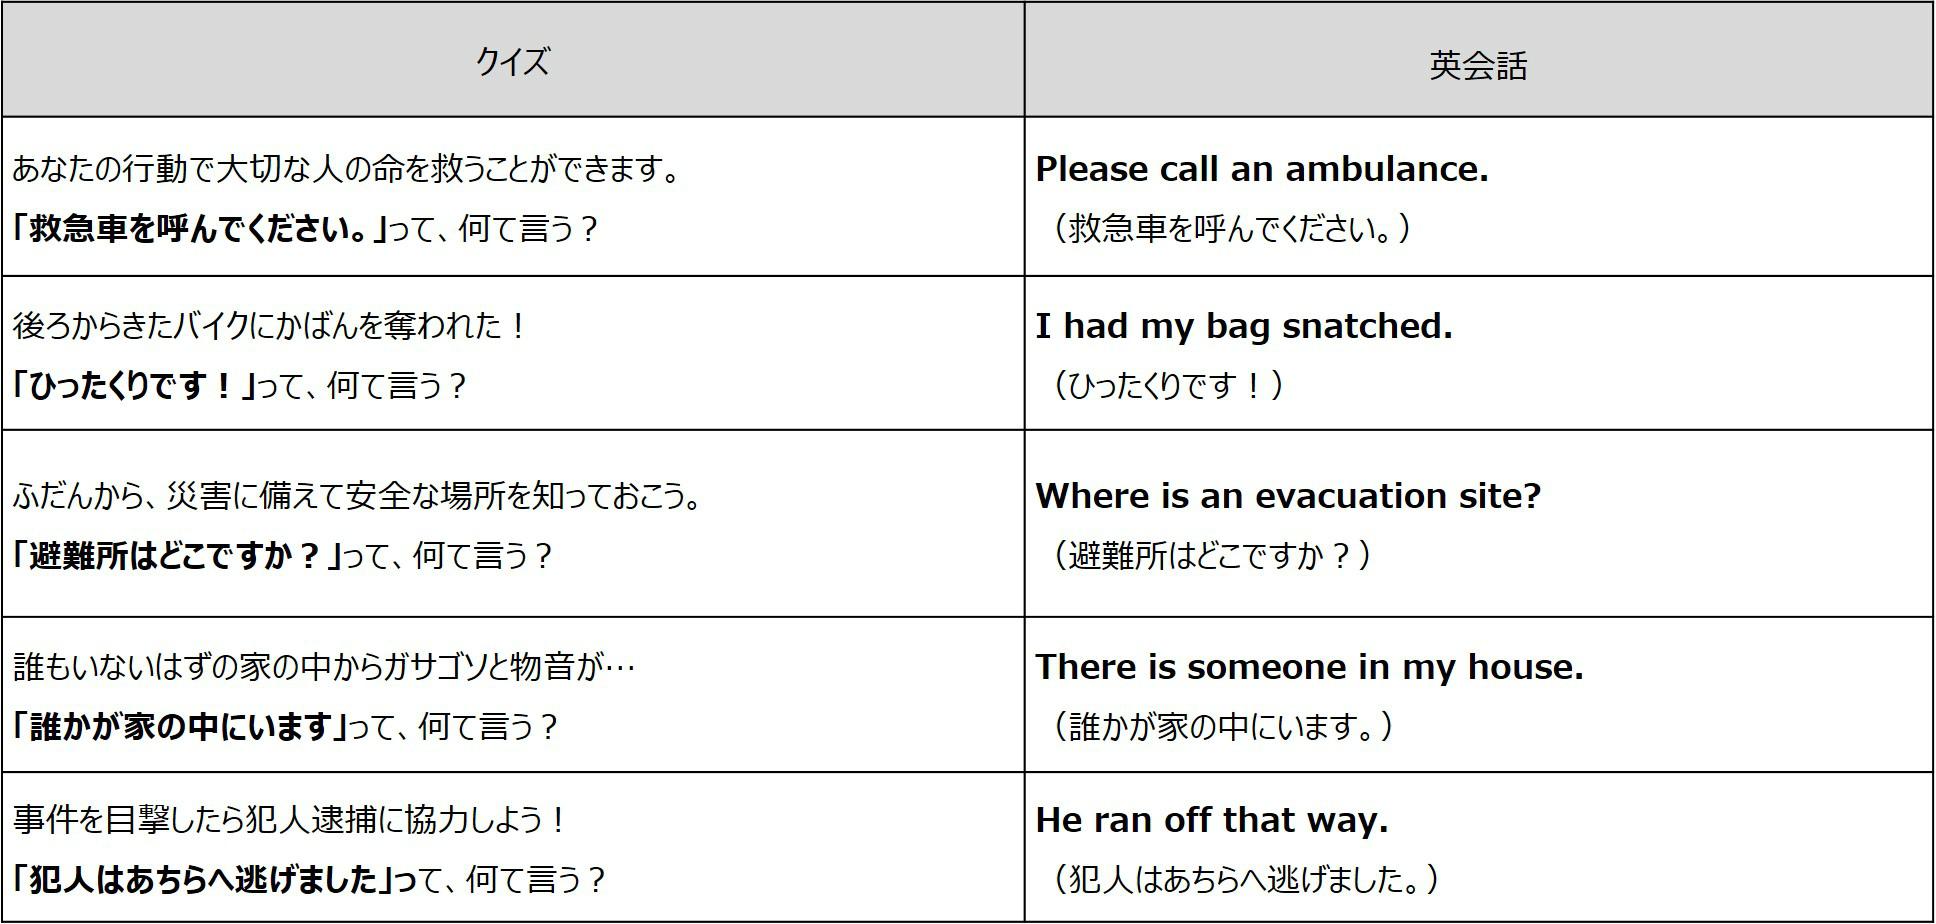 英会話コンテンツ(一部)